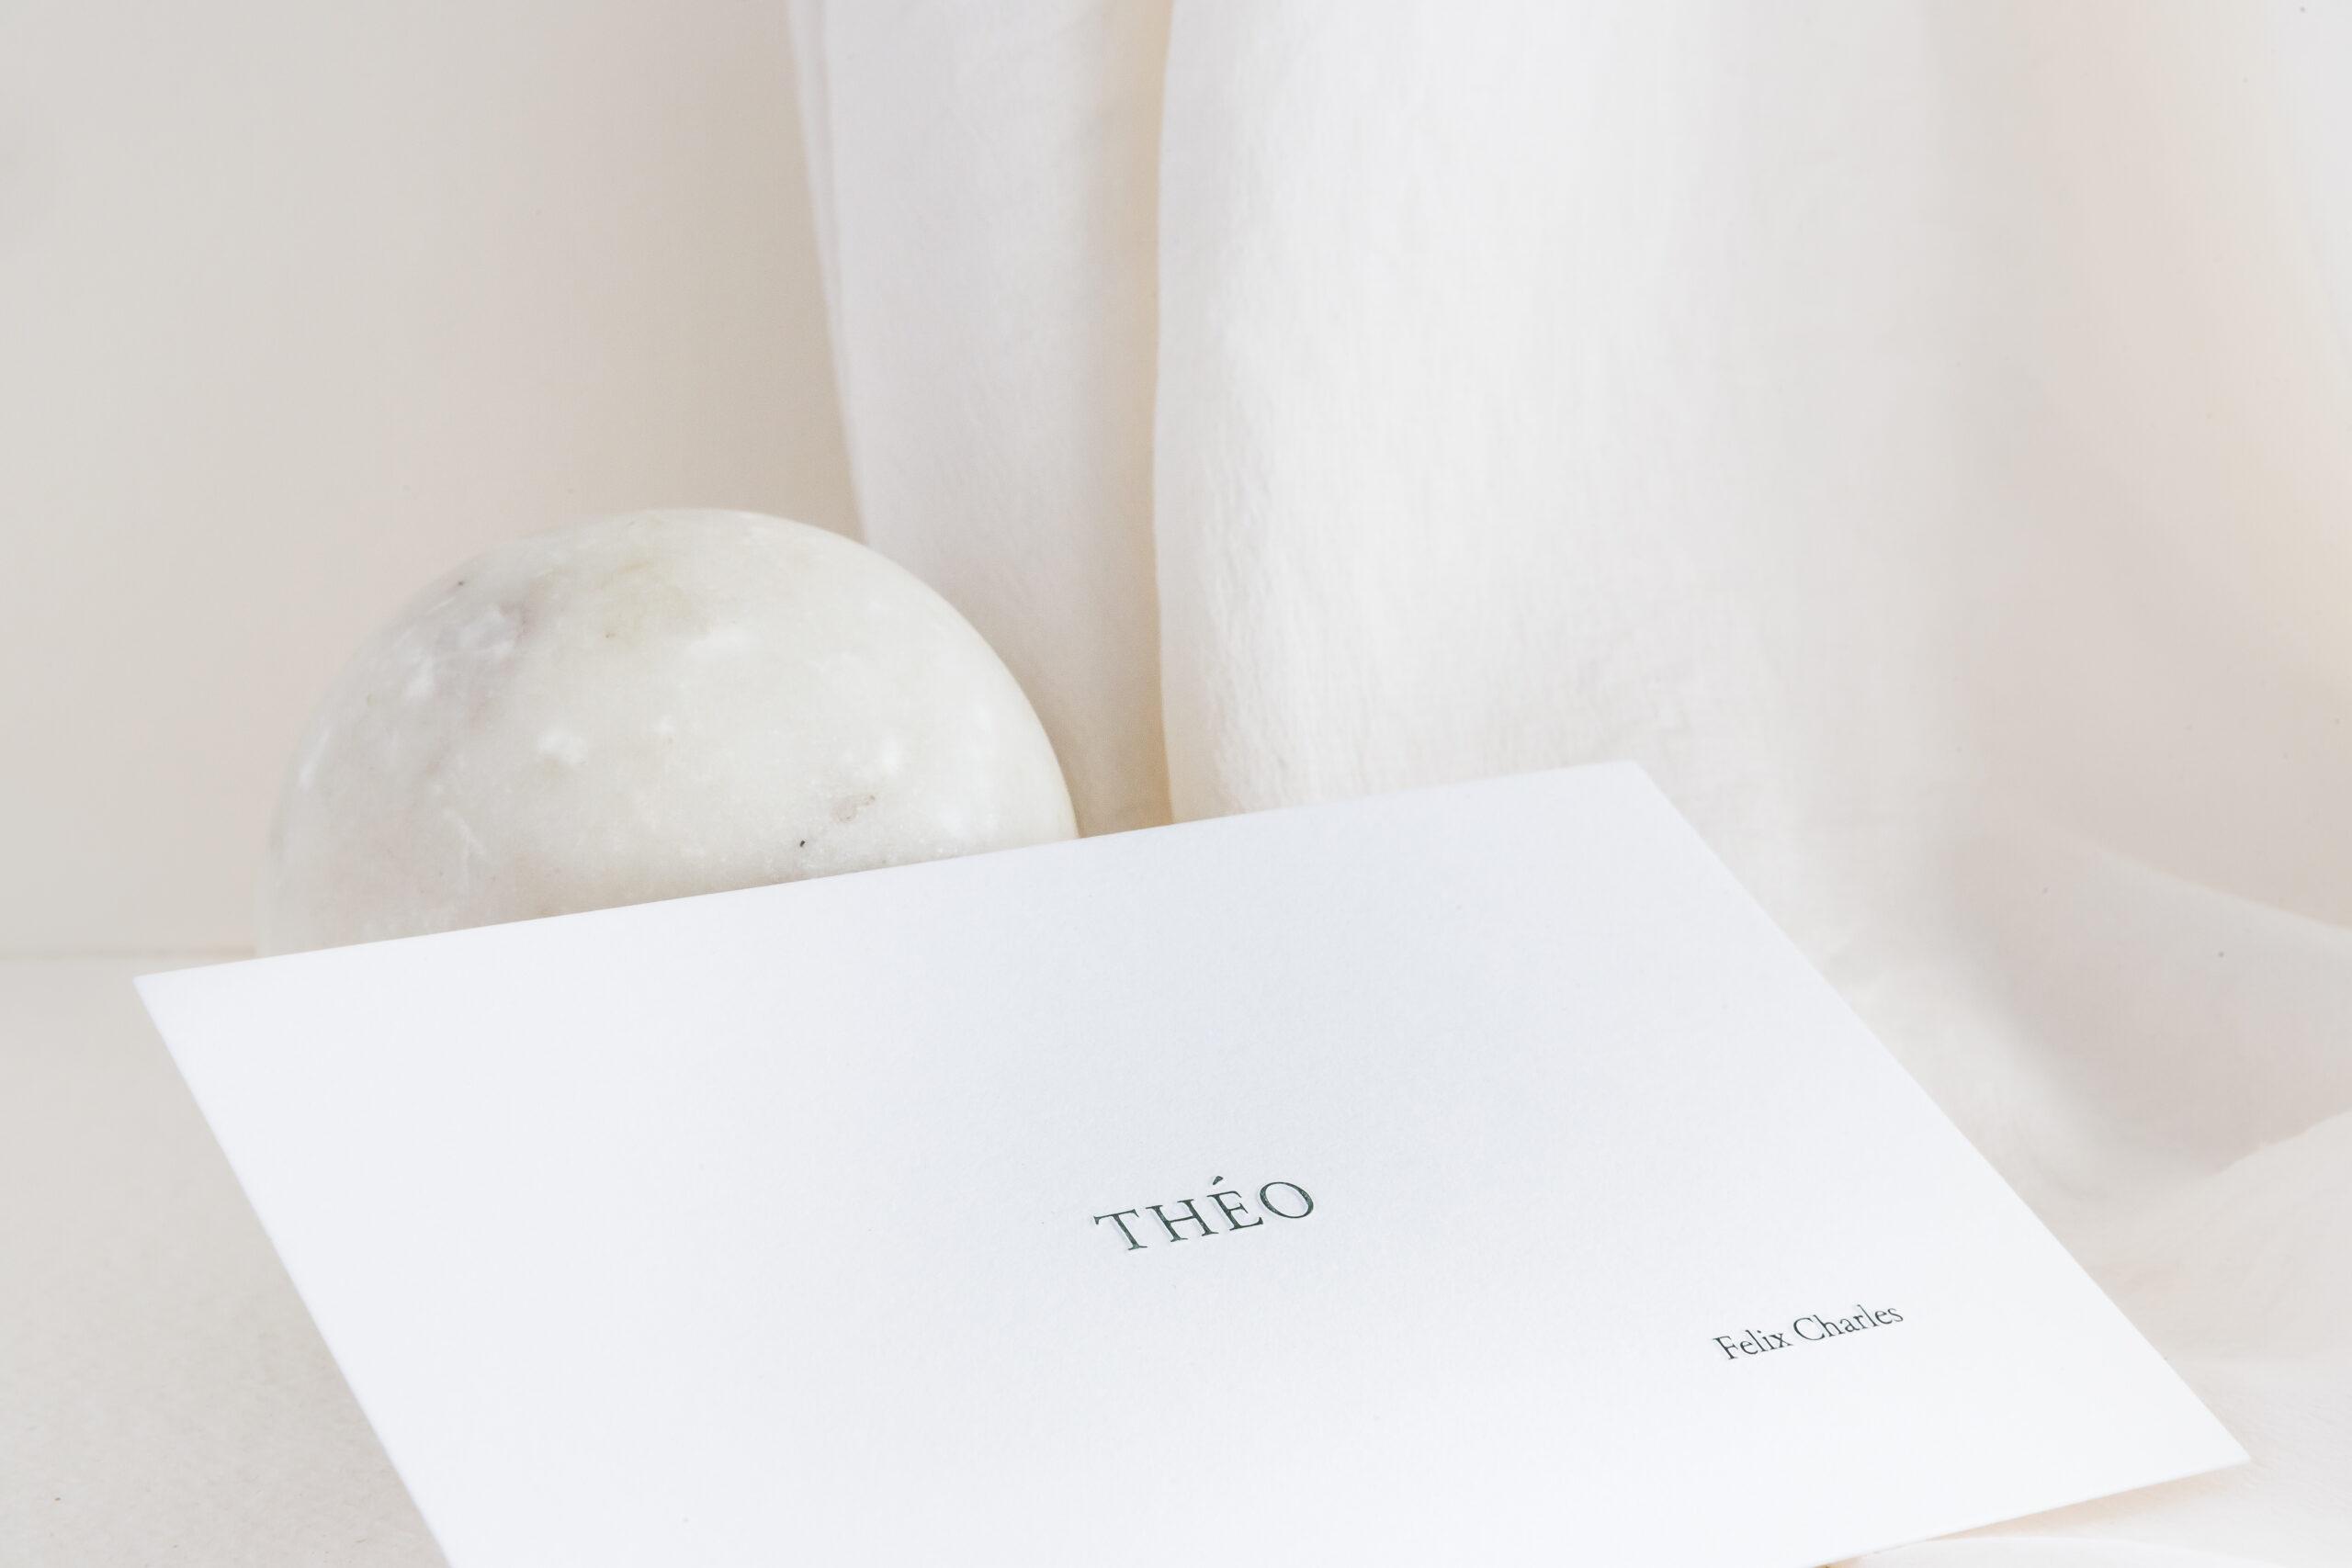 Ontwerp geboortekaartje Théo